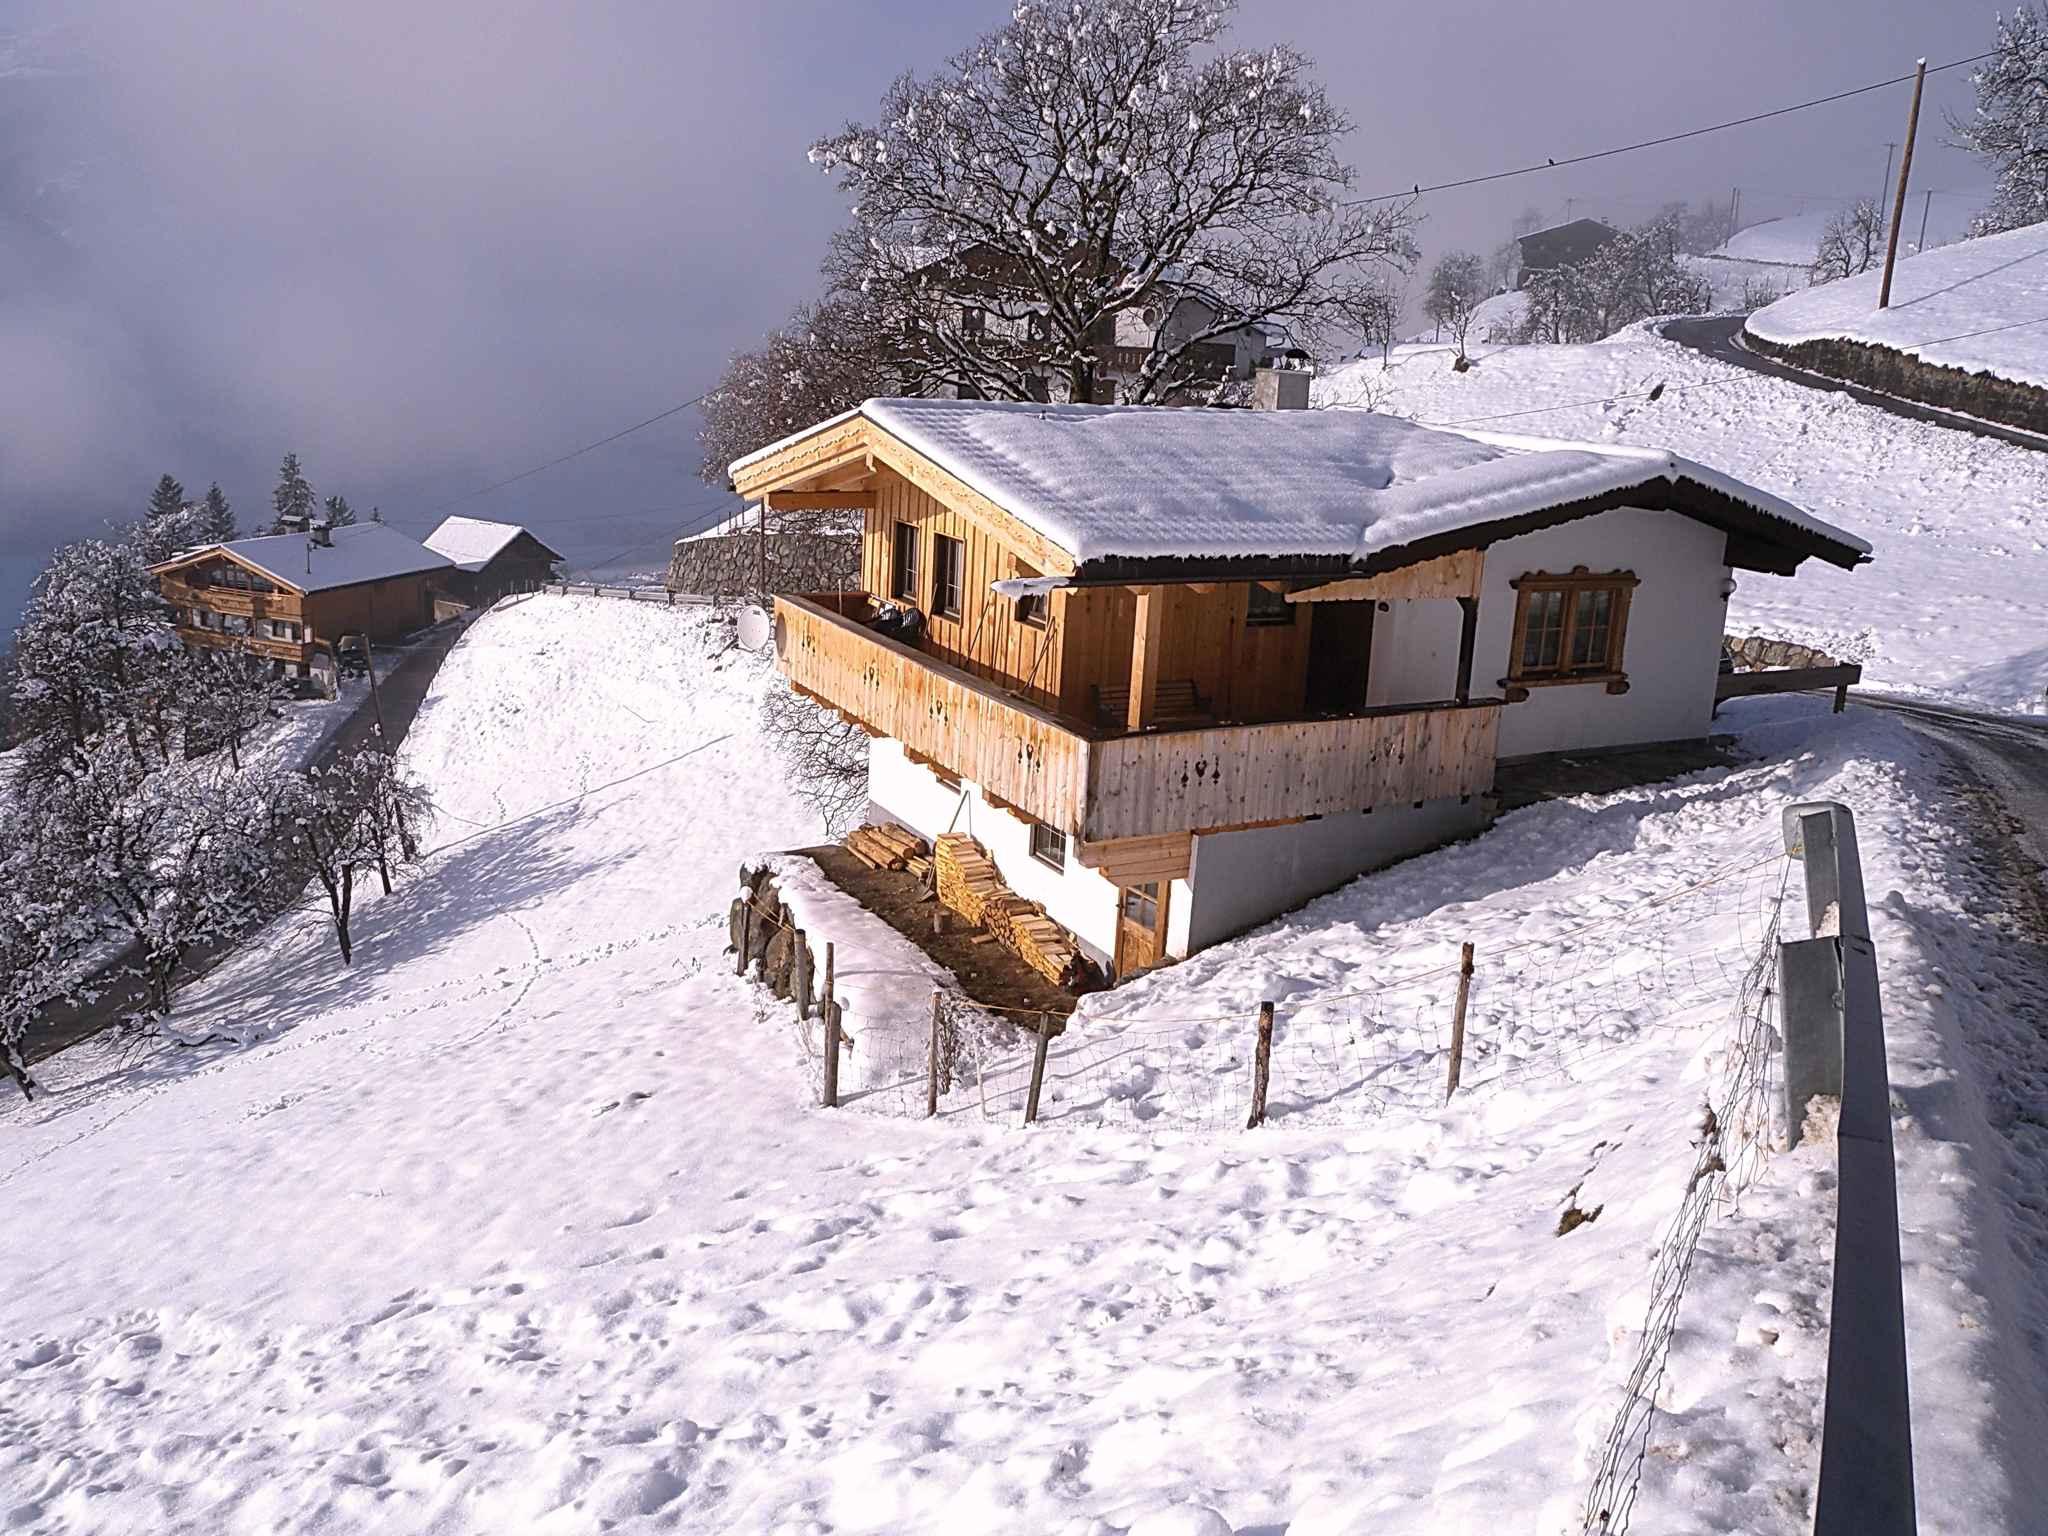 Ferienhaus mit Bergpanorama (283765), Stummerberg, Zillertal, Tirol, Österreich, Bild 3